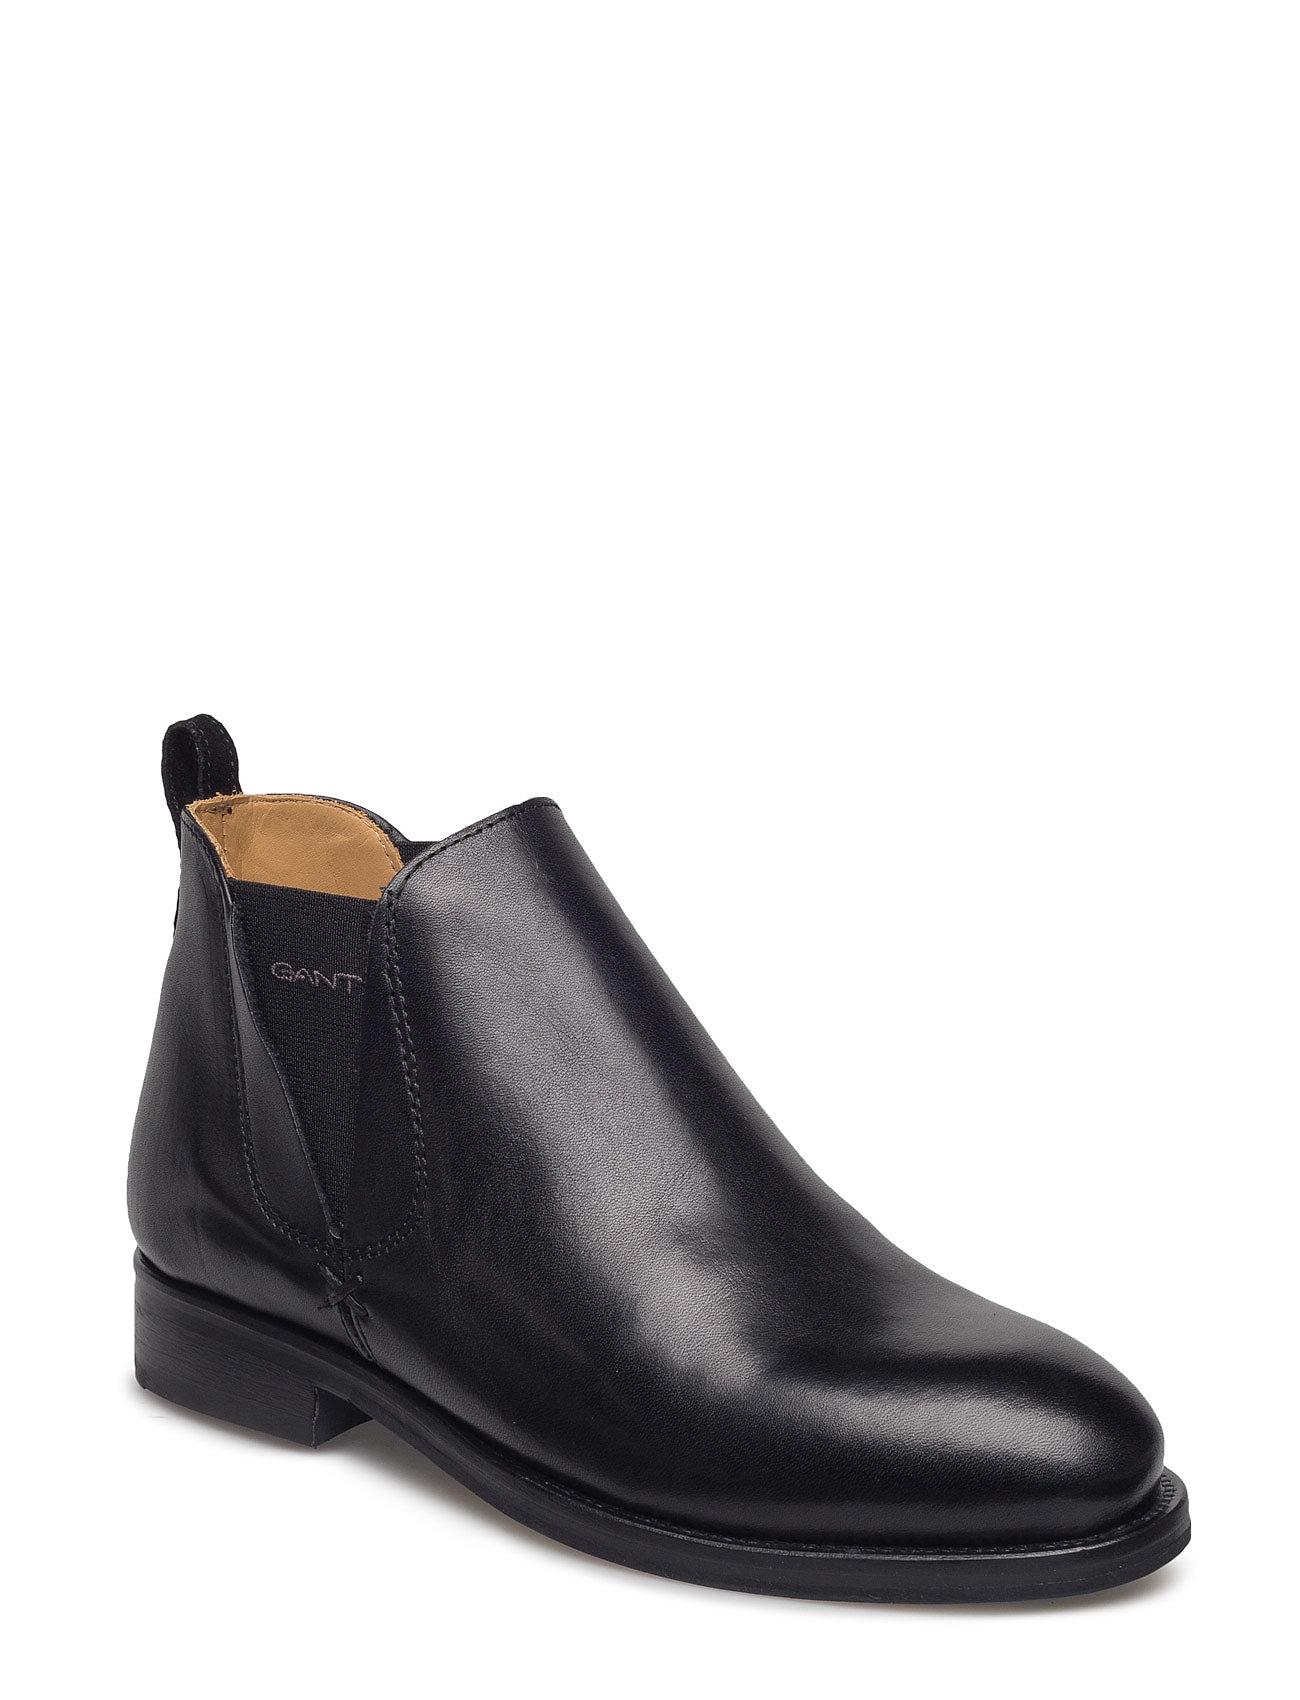 Avery Chelsea GANT Støvler til Damer i Sort